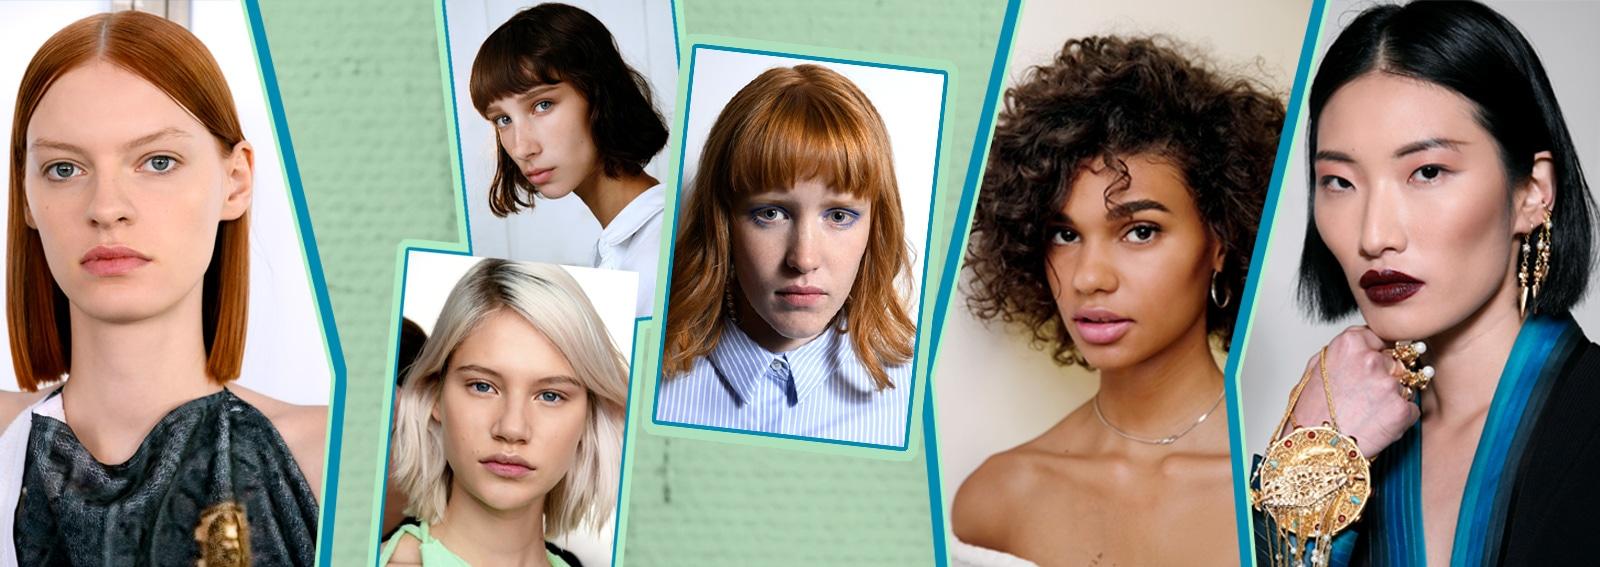 tagli capelli medi primavera estate 2019 tendenze da copiare cover desktop